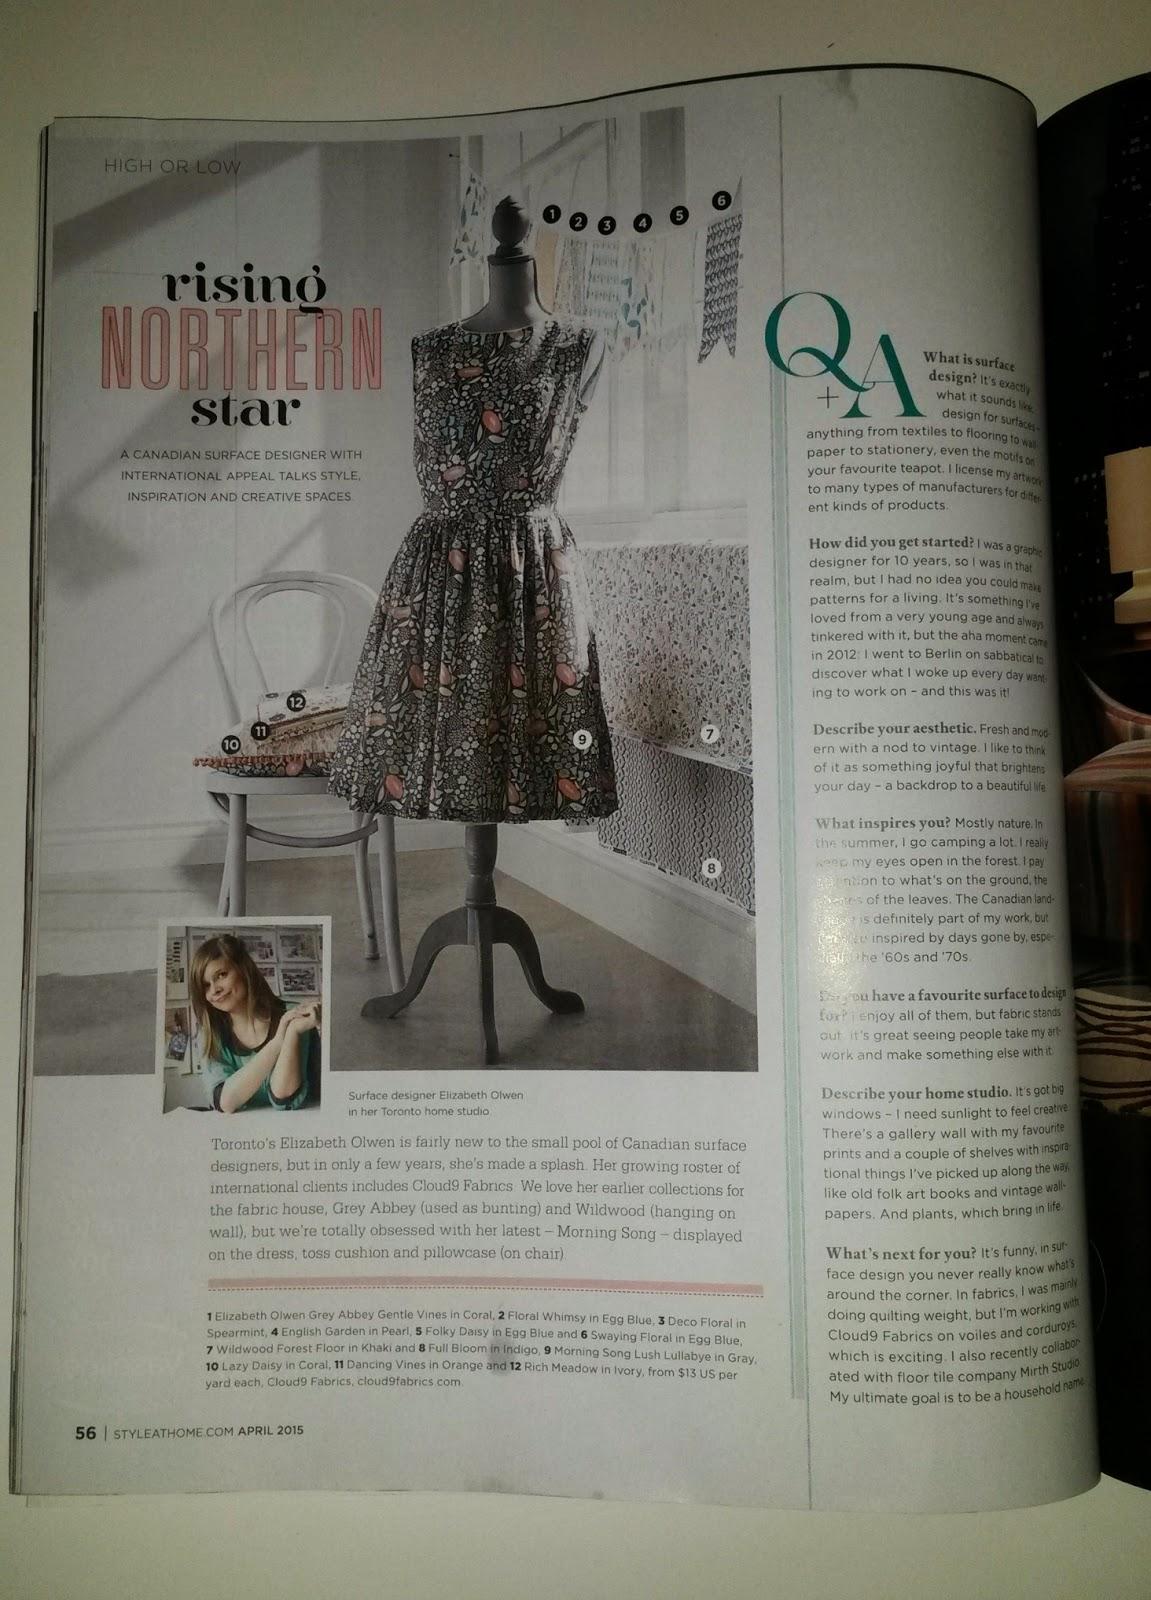 Rising Northern Star - Elizabeth Olwen